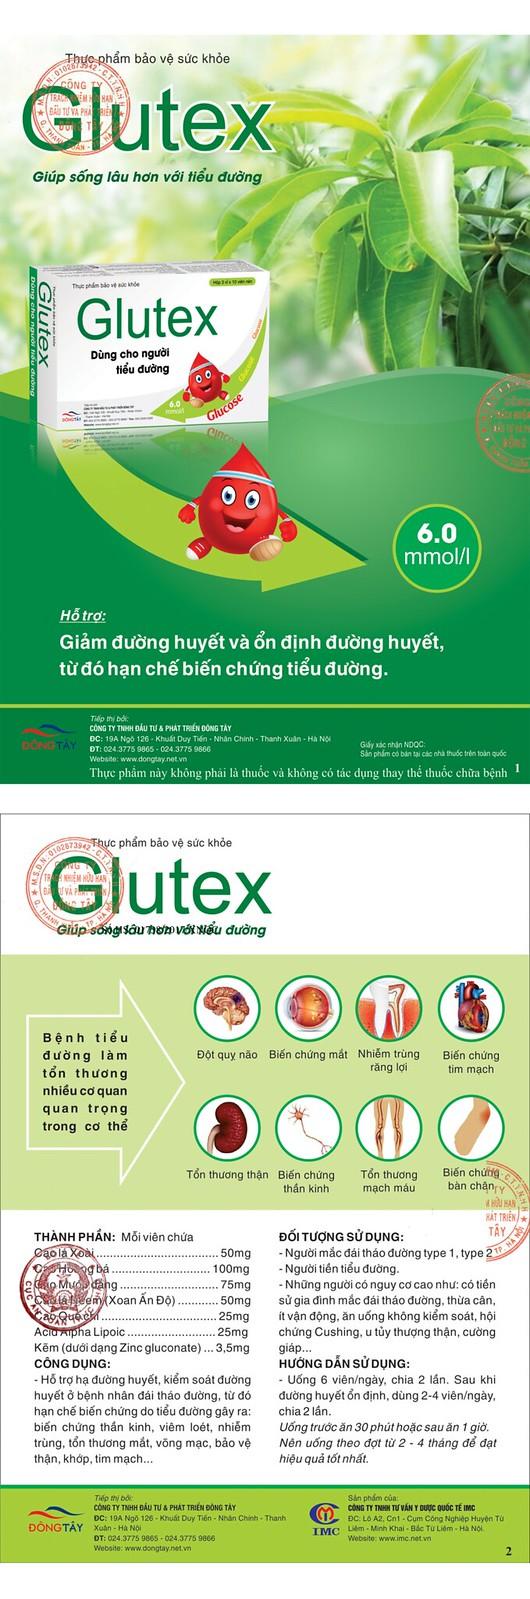 Glutex giúp sống lâu với bệnh tiểu đường